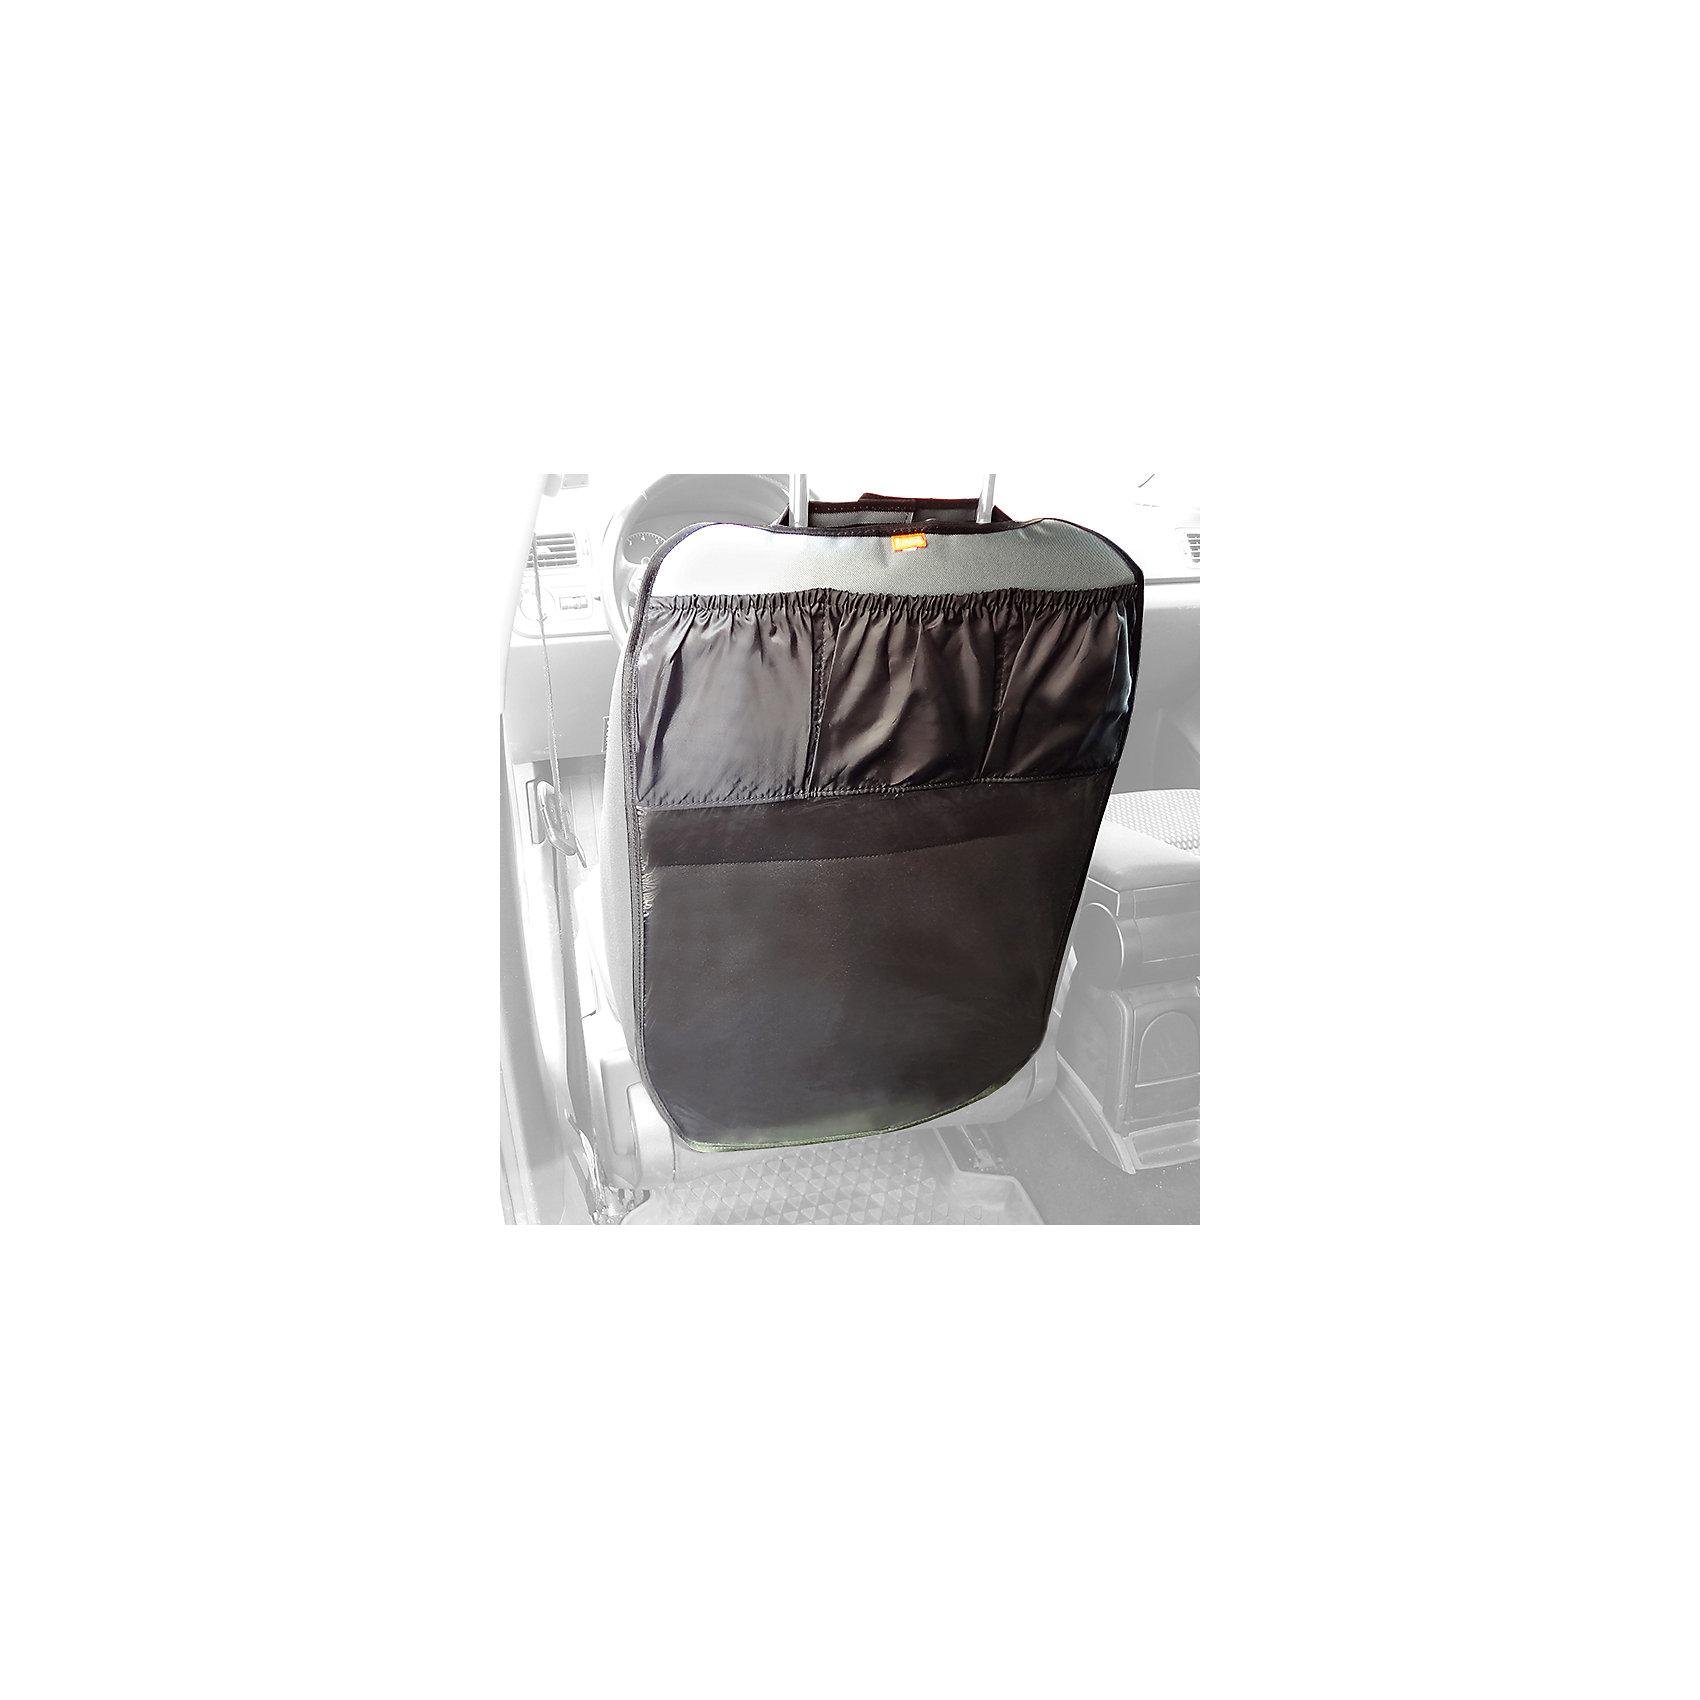 Защитная накидка на спинку автомобильного сиденья с карманами, ВитошаЗащитная накидка на спинку автомобильного сиденья с карманами Витоша<br><br>Артикул: 879<br>Размер: 60х40 см <br>Материал: пленка ПВХ прозрачная, <br>карман - 100% полиэстер<br><br>Ширина мм: 250<br>Глубина мм: 165<br>Высота мм: 10<br>Вес г: 200<br>Возраст от месяцев: 0<br>Возраст до месяцев: 36<br>Пол: Унисекс<br>Возраст: Детский<br>SKU: 5500272